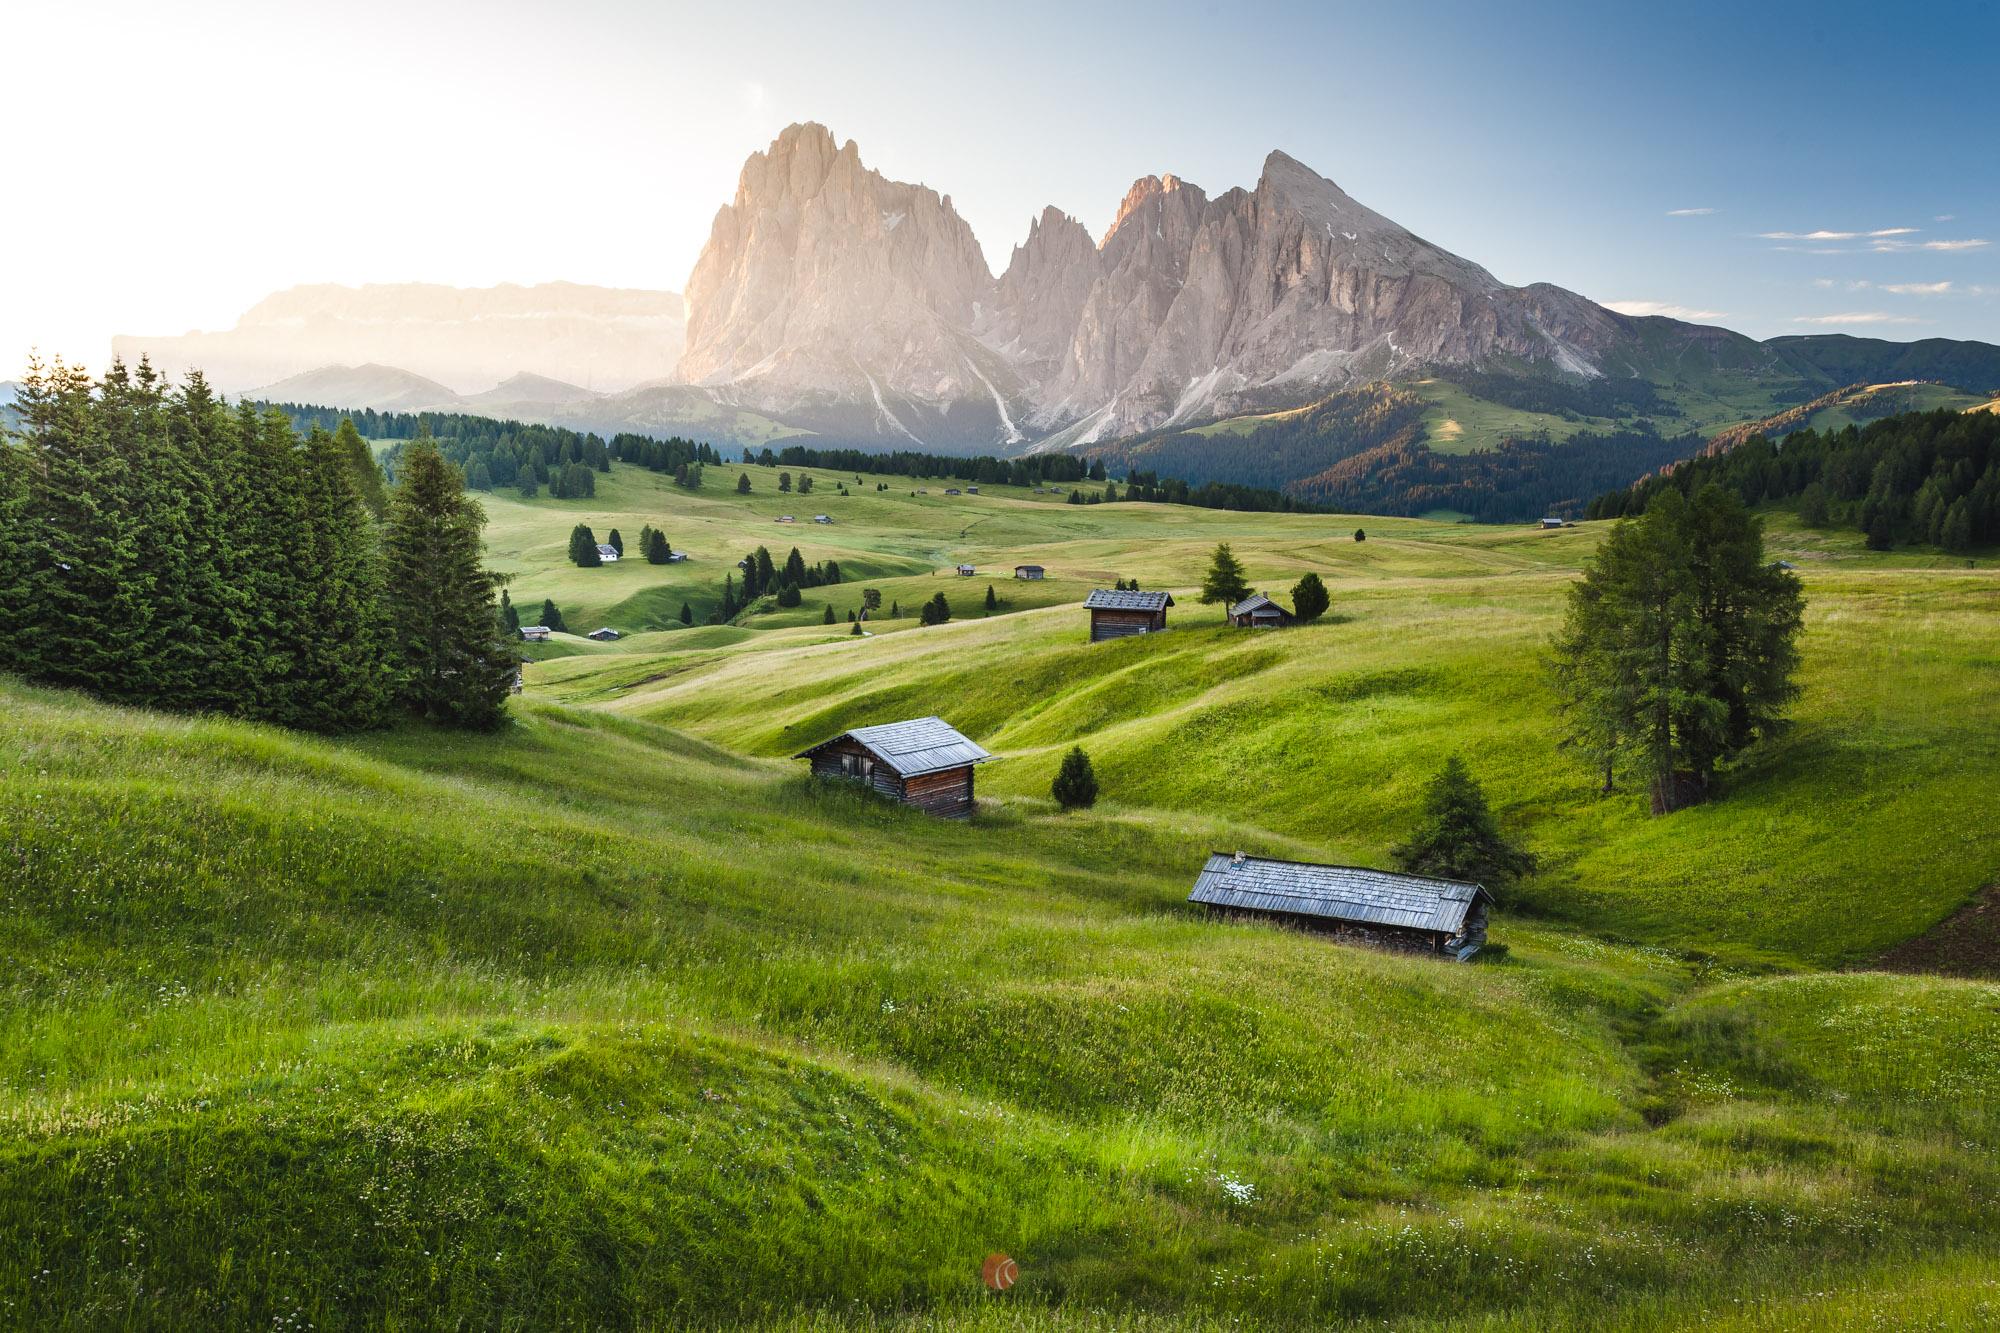 Unsere Kalender 2020 – Südtirol, Gardasee, Schottland, Neuseeland